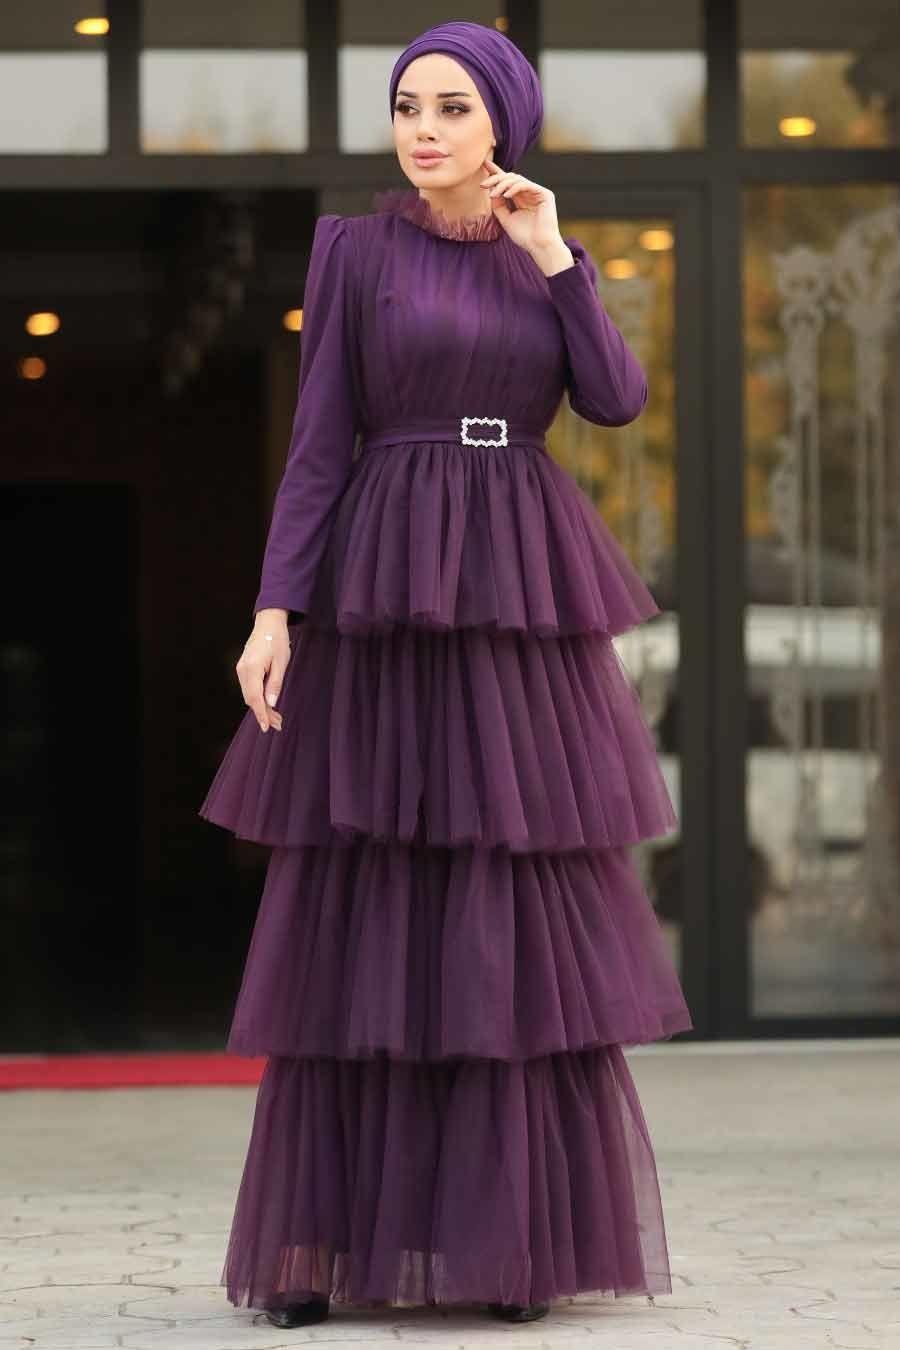 Tesetturlu Abiye Elbise Firfirli Murdum Tesettur Abiye Elbise 39950mu Tesetturisland Com Elbise Elbise Dugun Blok Elbise